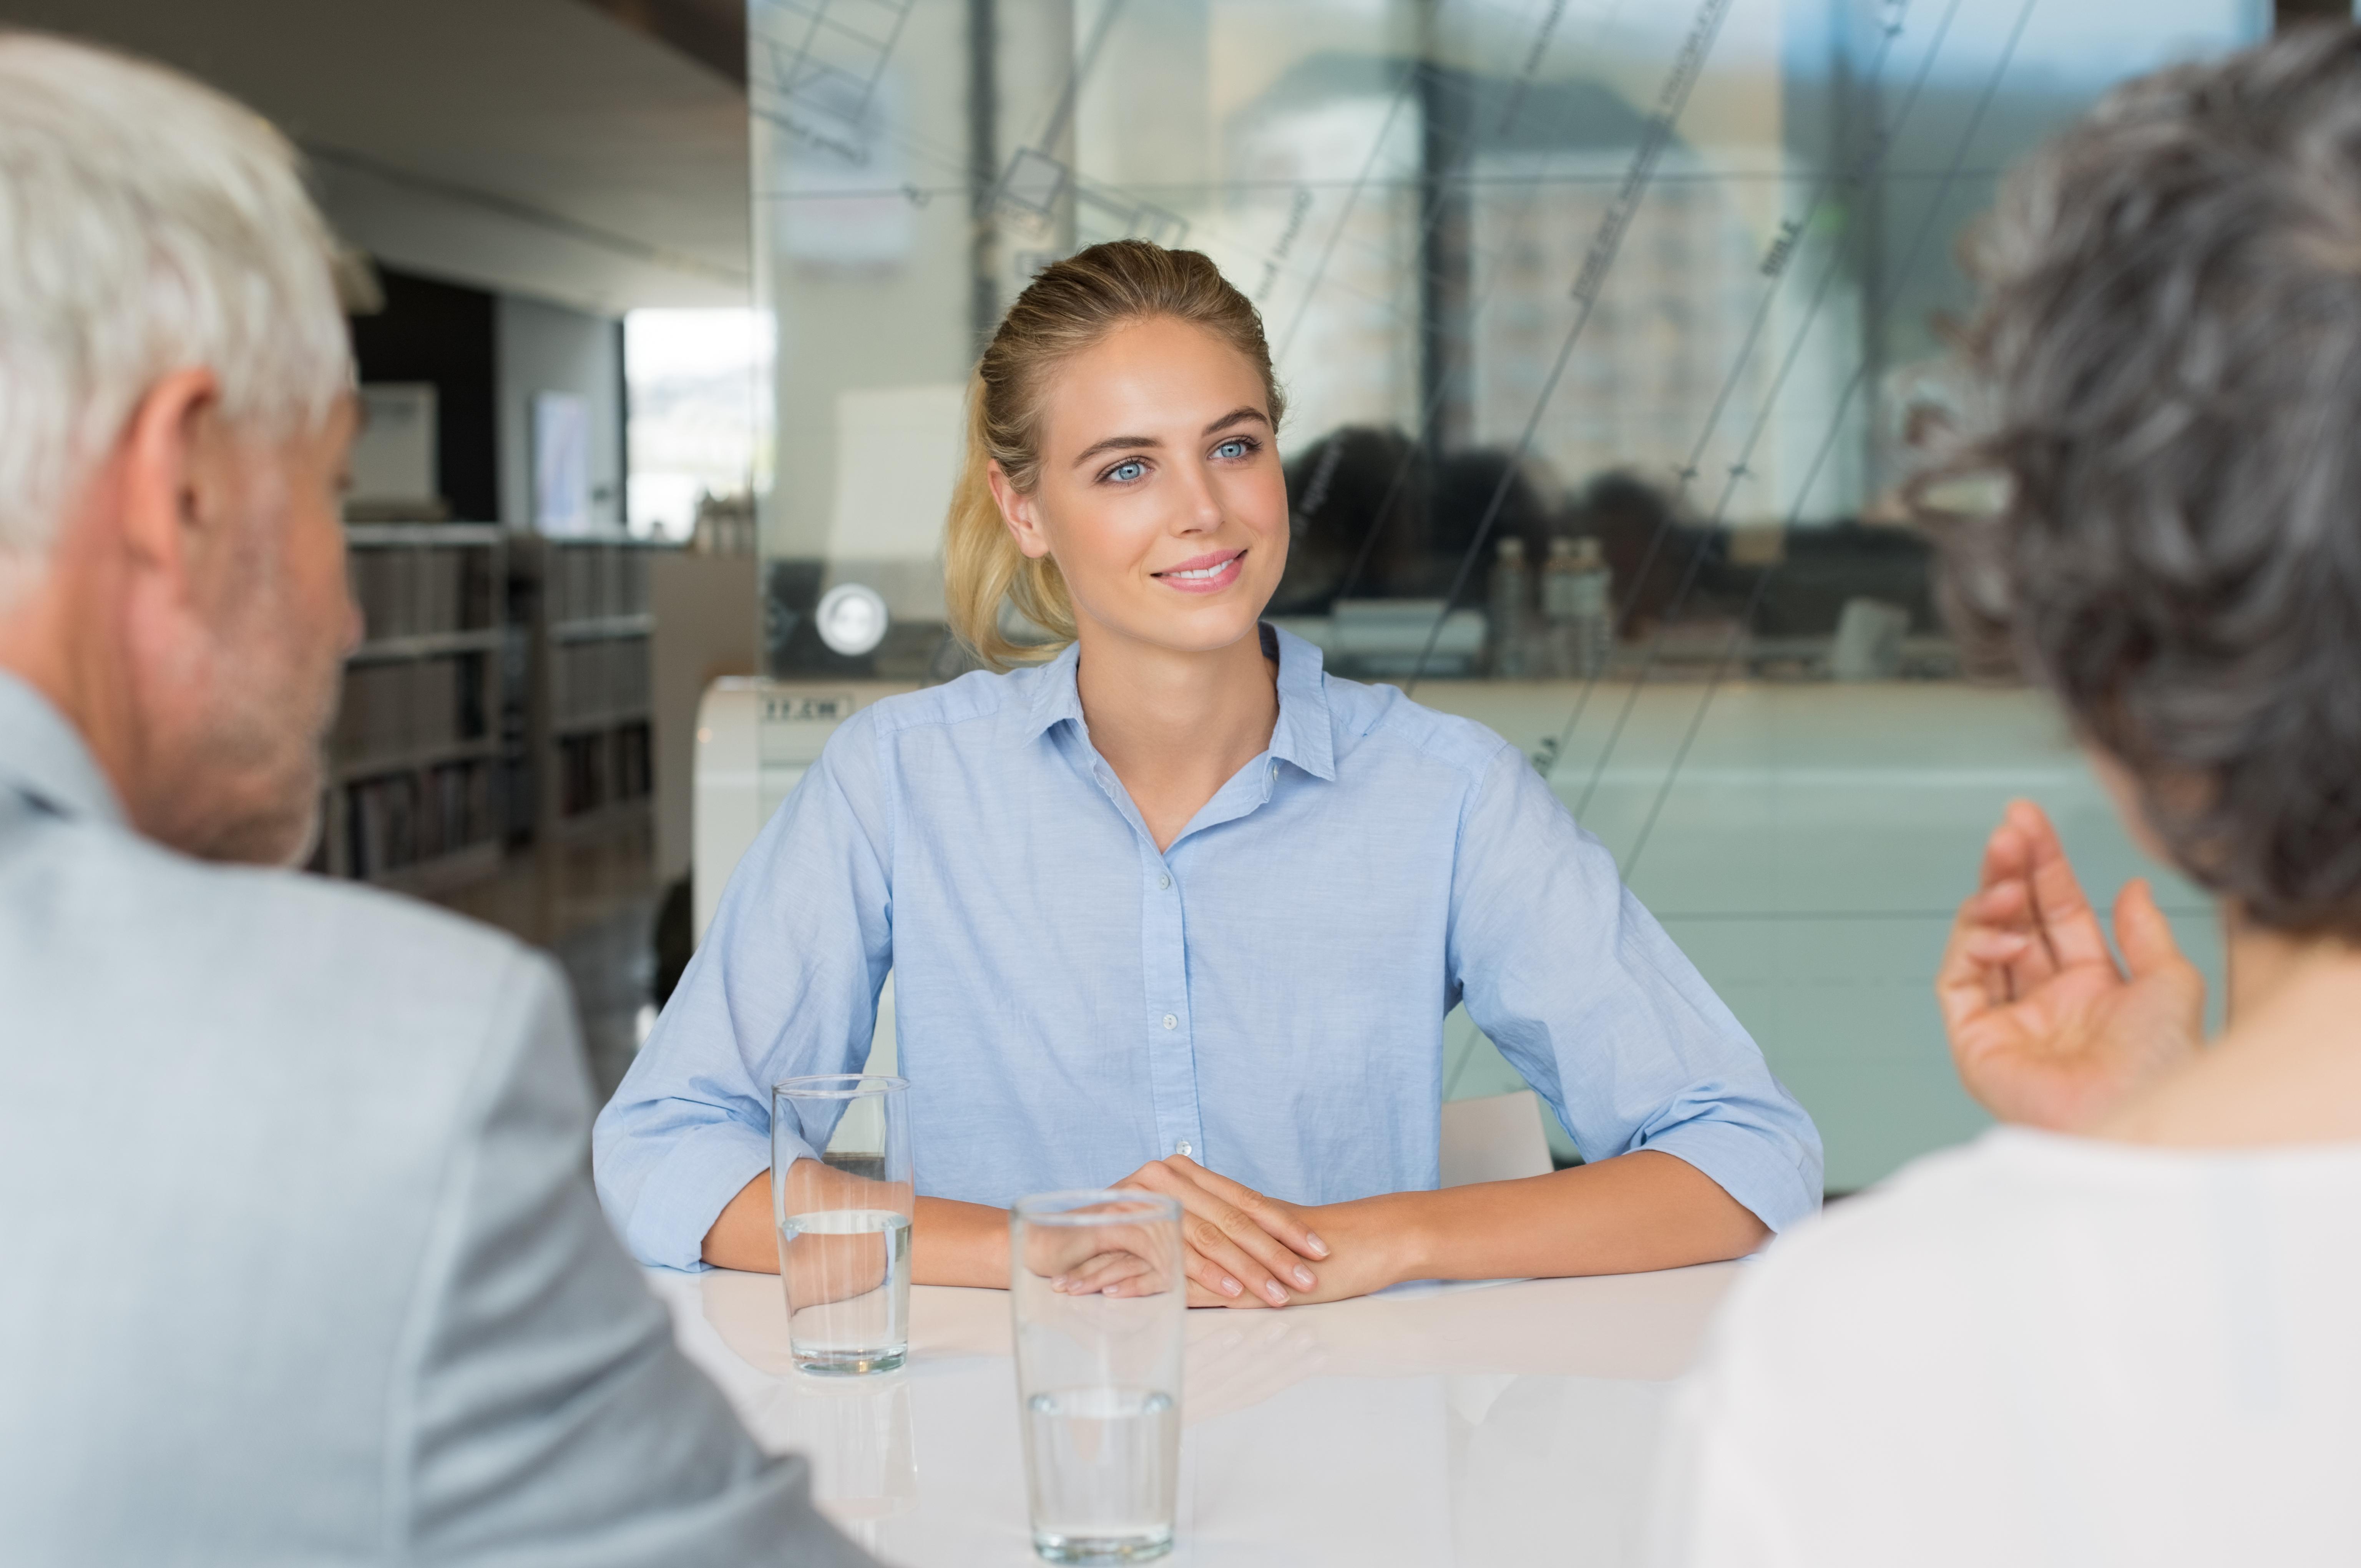 Zaplanuj rozmowę kwalifikacyjną i zdobądź wymarzoną pracę!